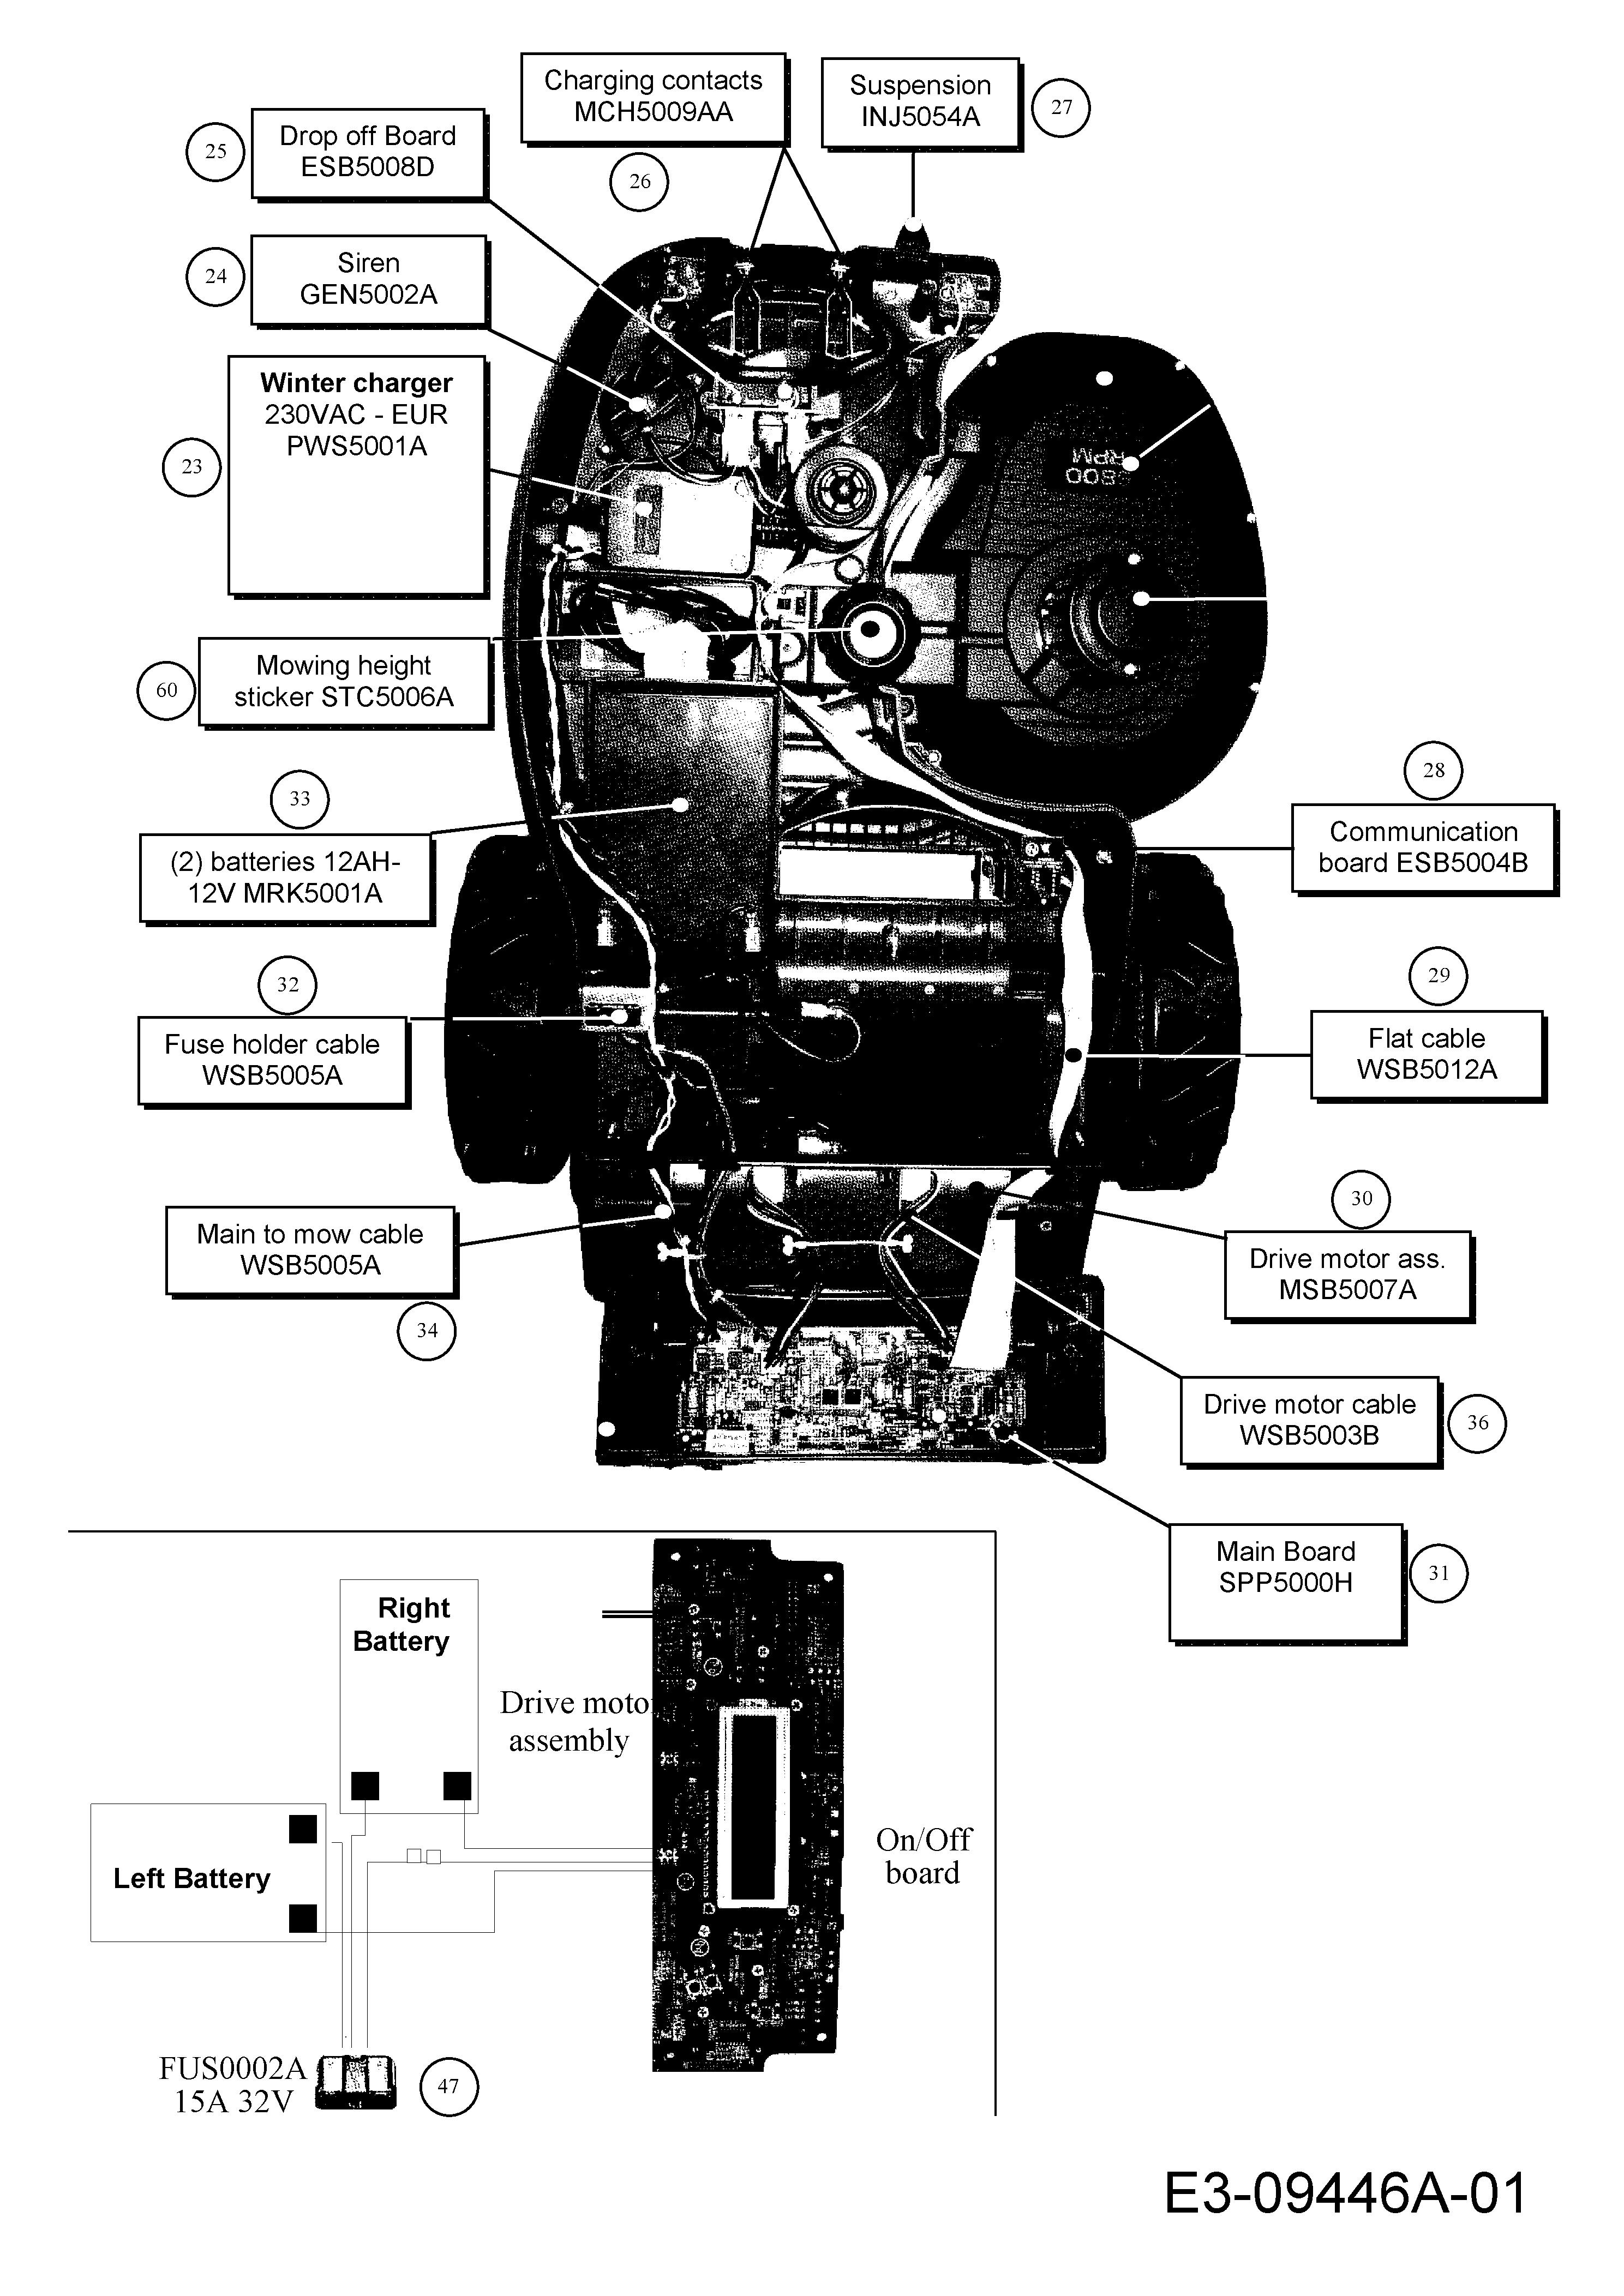 Charmant Nissan Motor Kabelbaum Diagramm Fotos - Der Schaltplan ...